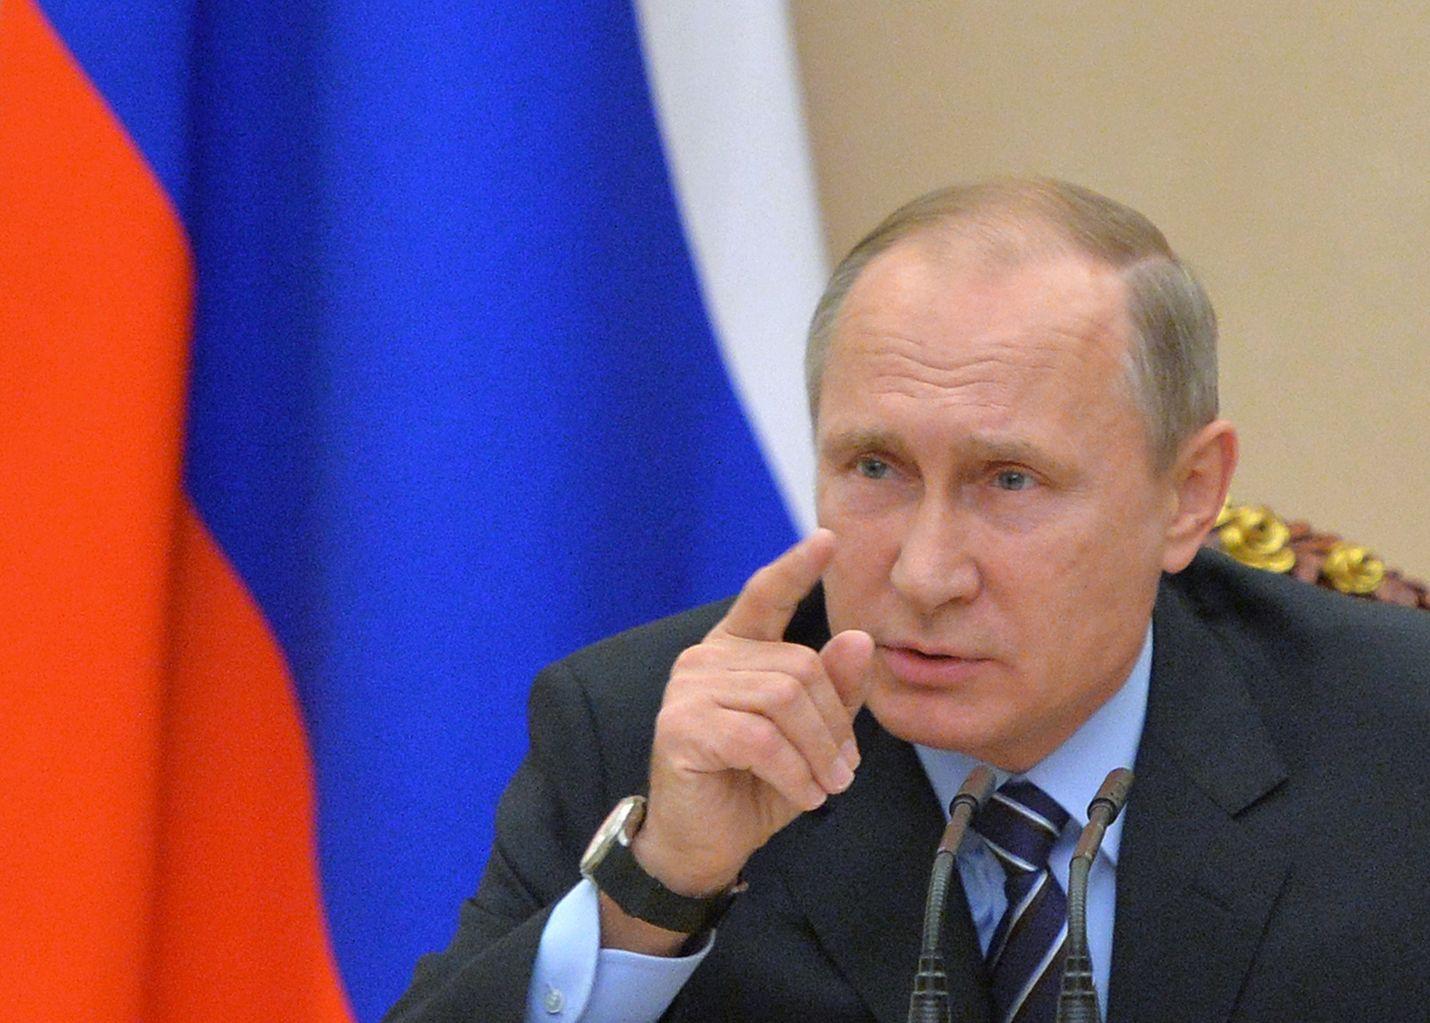 Vladimir Putin on kiistänyt Venäjän koskaan pyrkineen vaikuttamaan toisten maiden asioihin saati Yhdysvaltojen vaaleihin. Putin johtamassa kovimman sisäpiirin eli turvallisuusneuvoston kokousta Kremlissä Yhdysvaltain presidentinvaalien aikaan marraskuussa 2016.